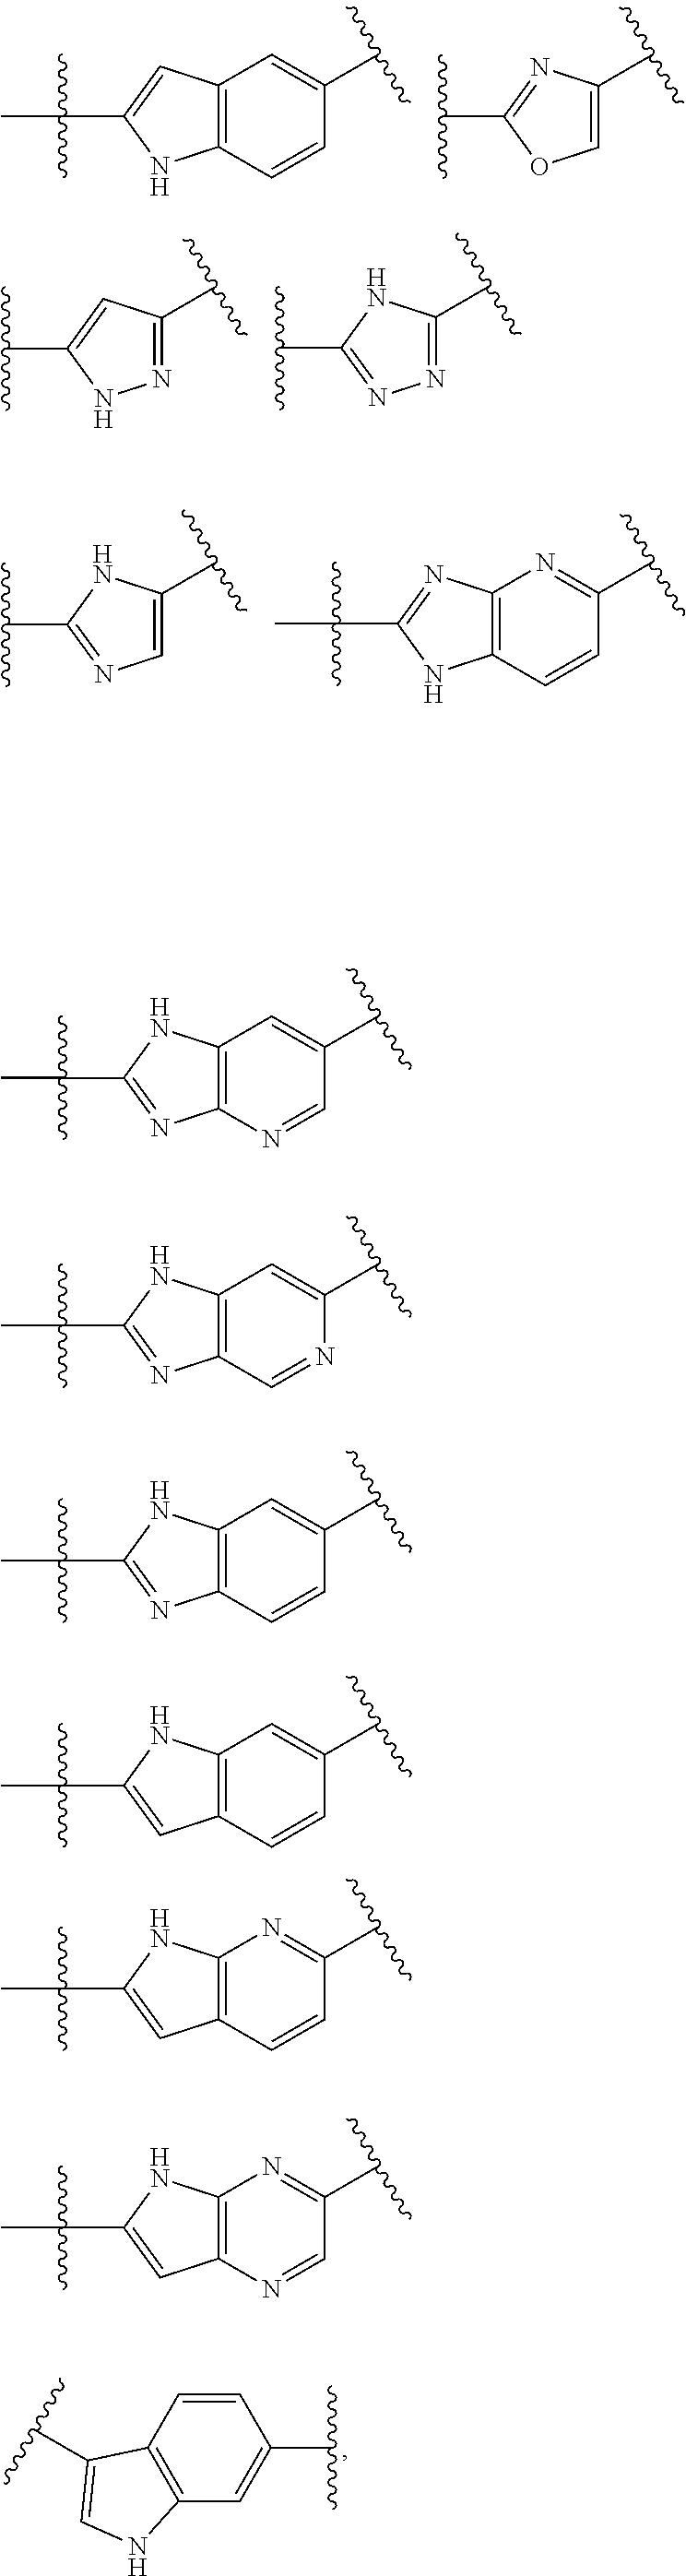 Figure US08933110-20150113-C00011